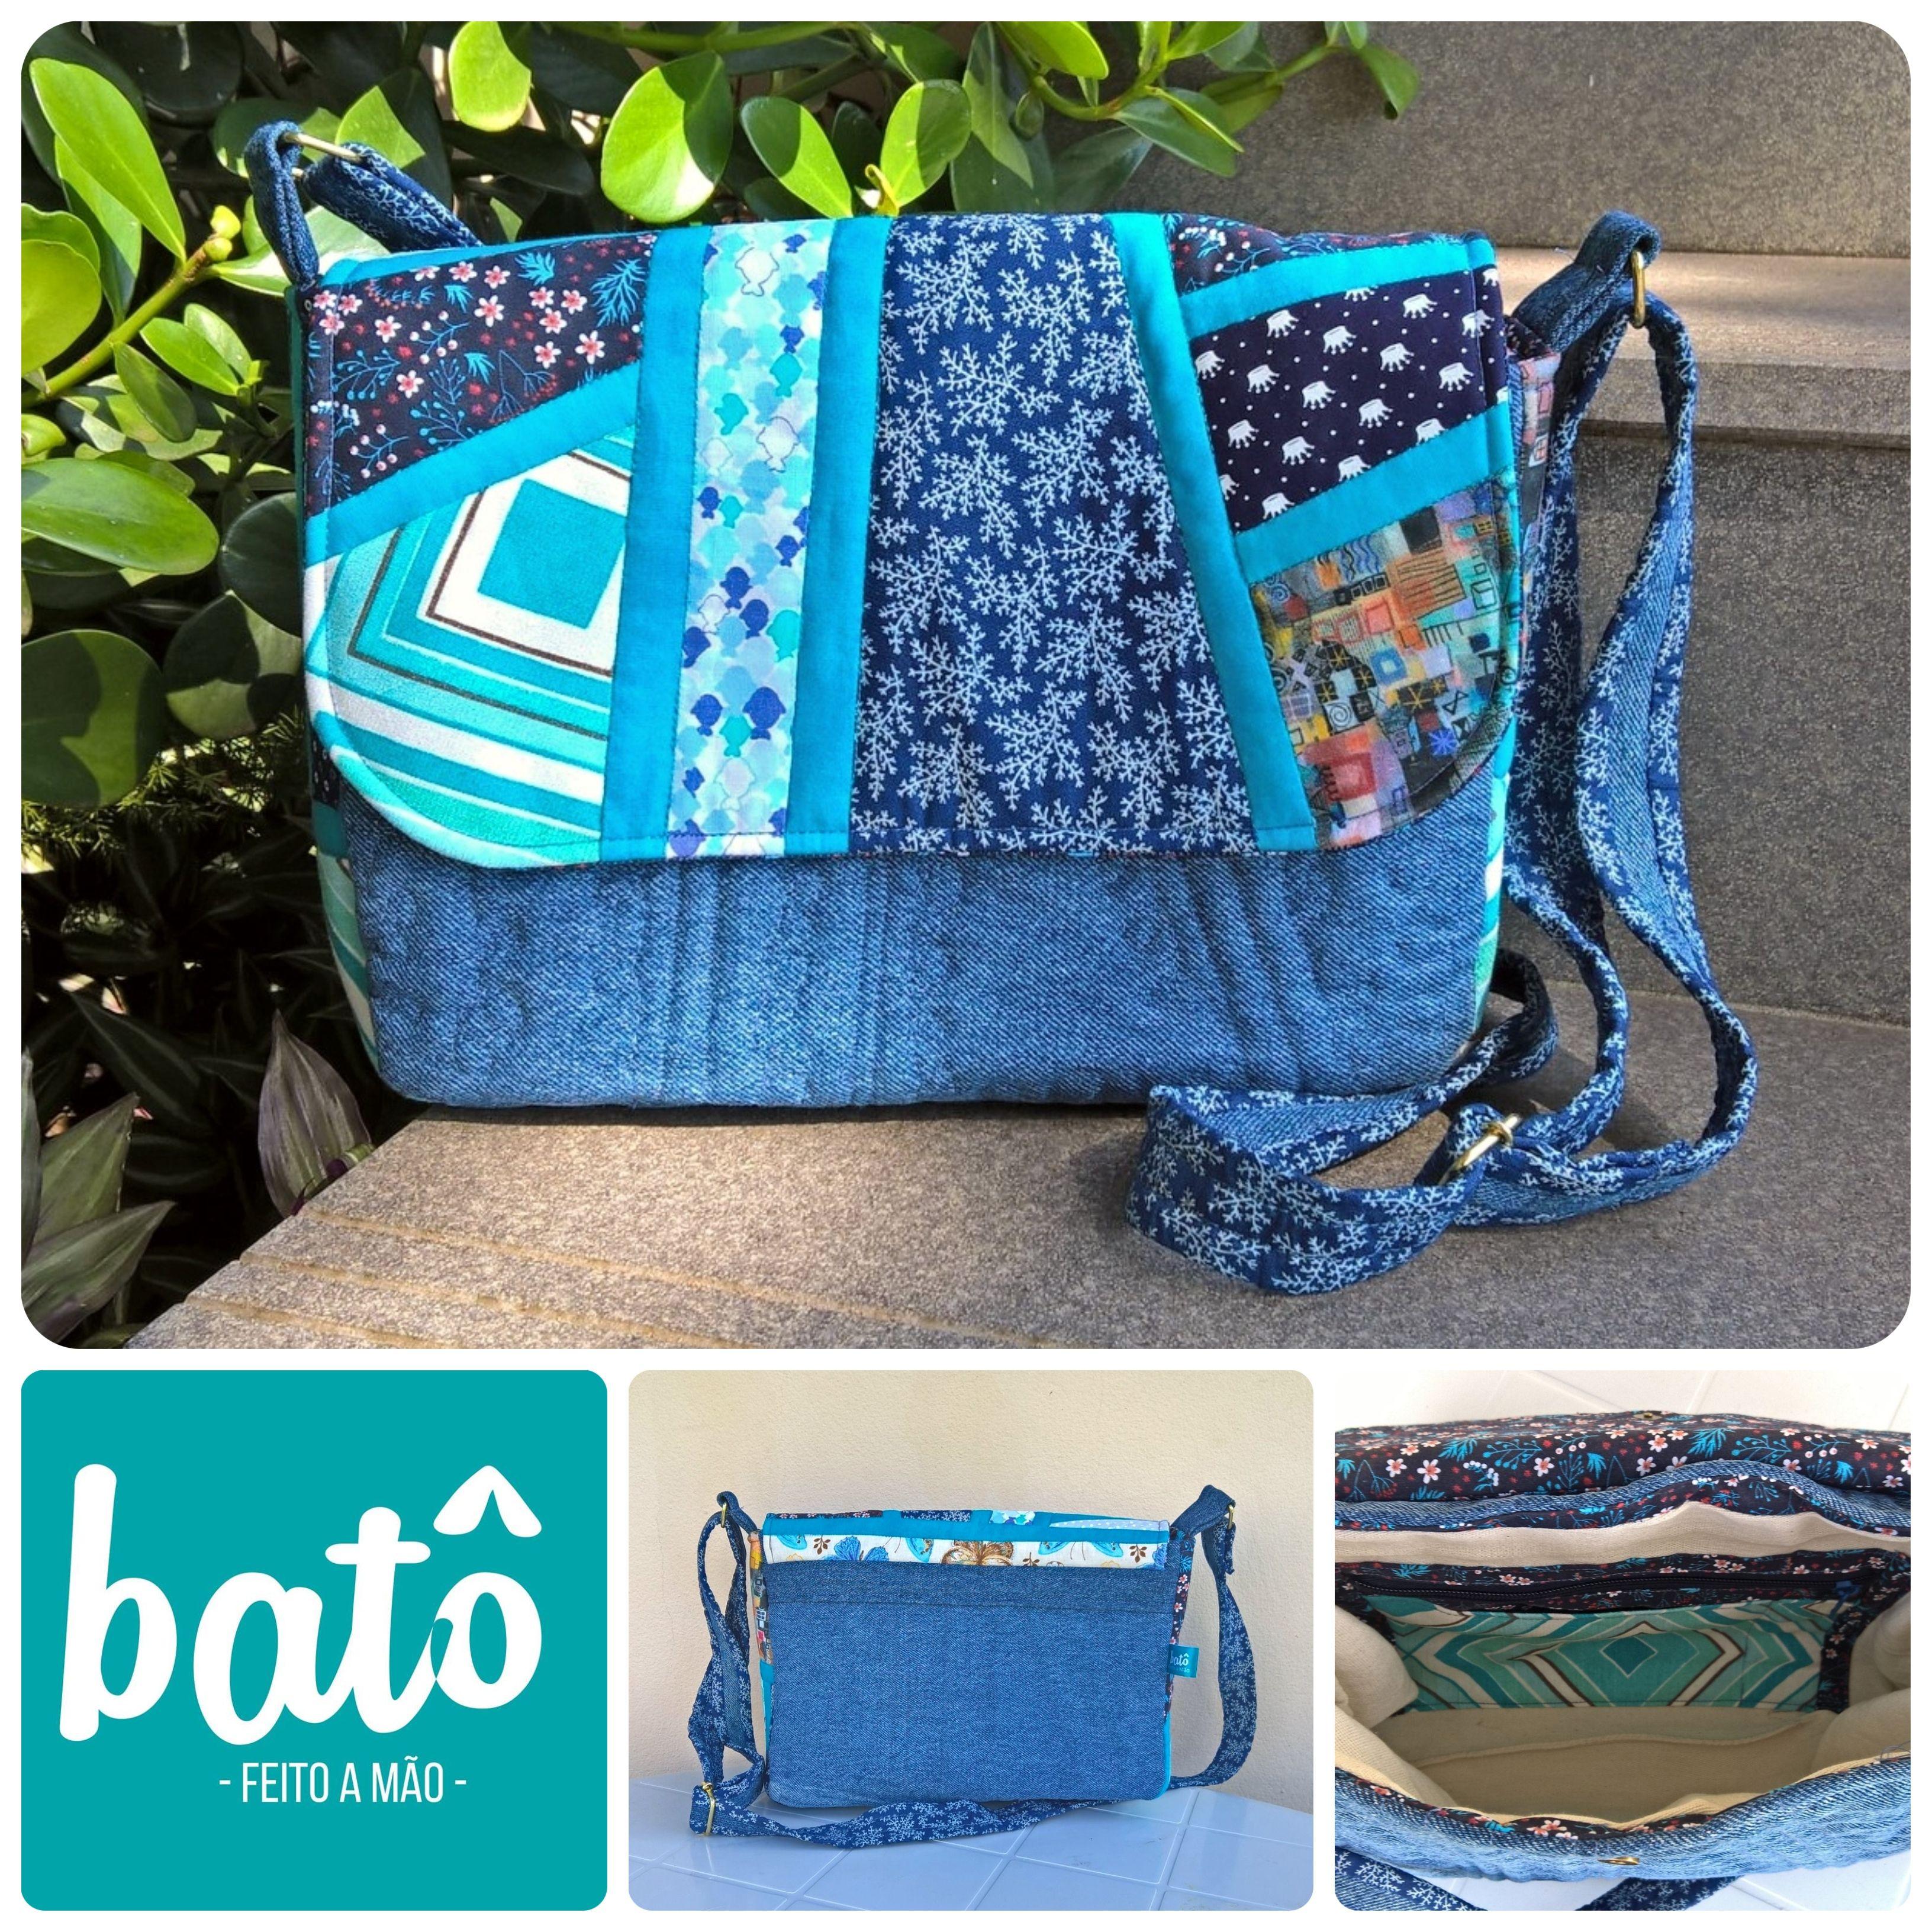 5976b5df8 Bolsa carteiro em jeans reciclado com patchwork em tons de azul. Alça  transpaçada em jeans